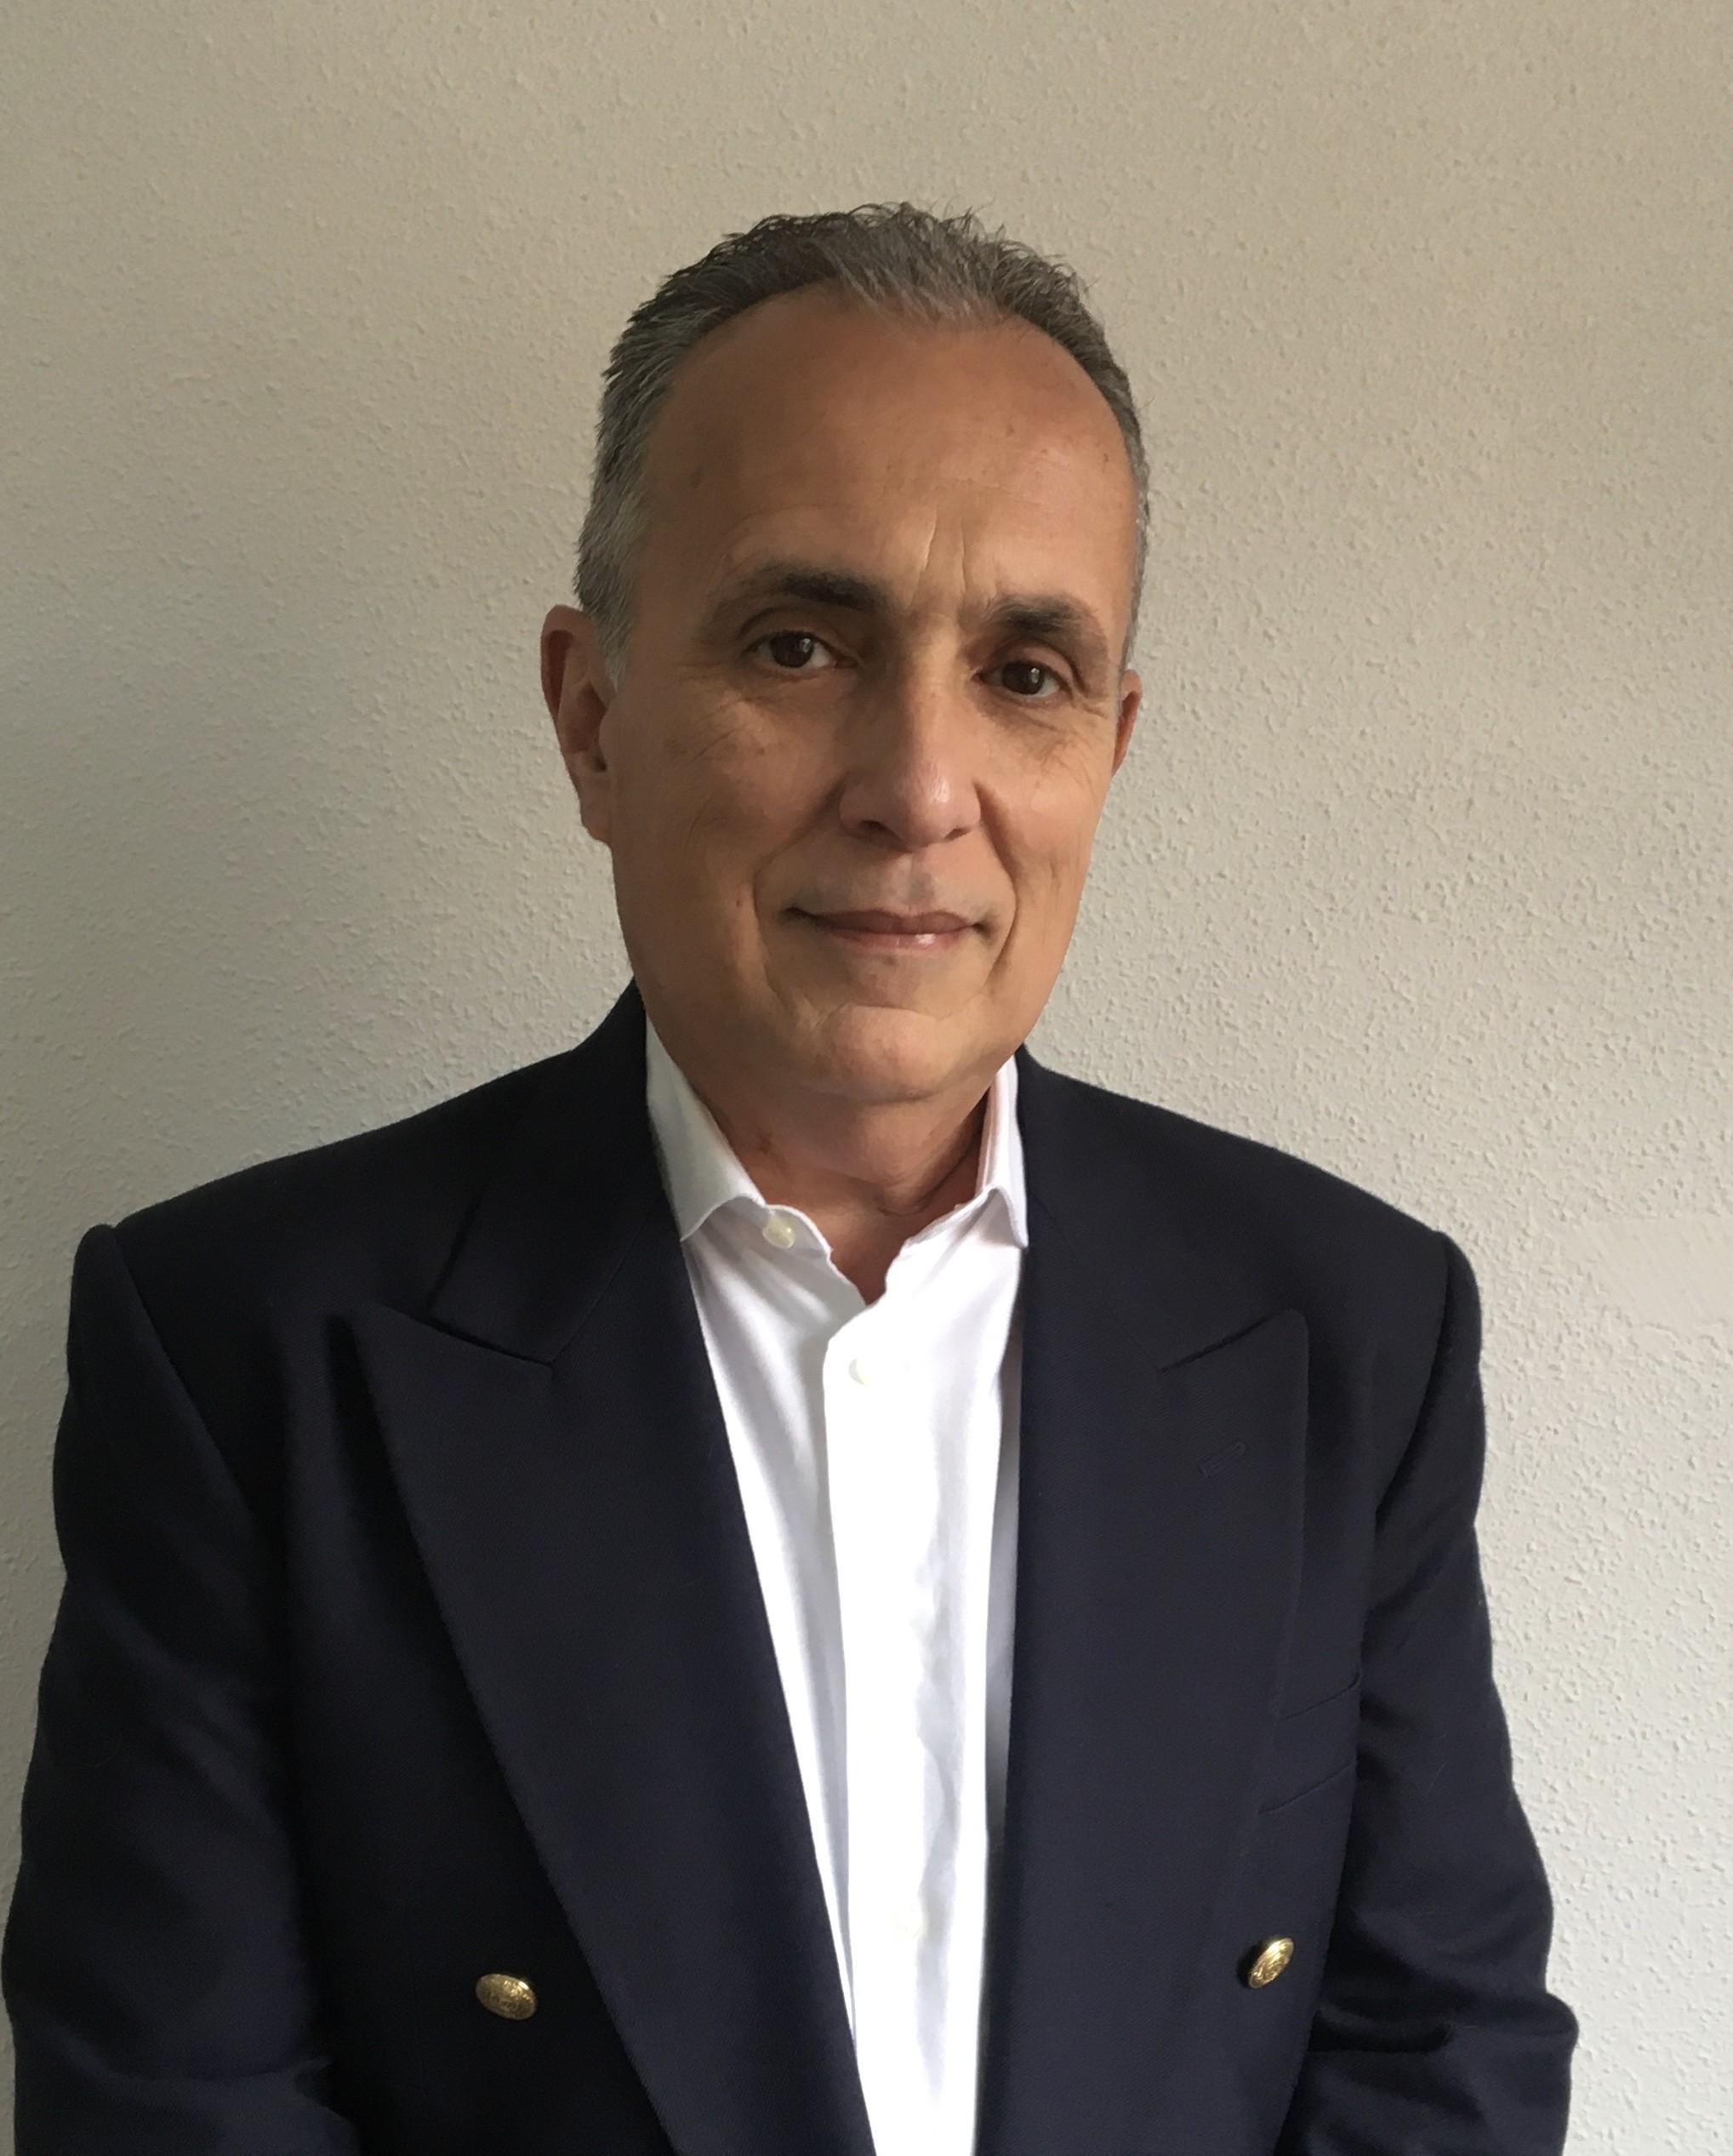 Enrique Seara Outeiriño